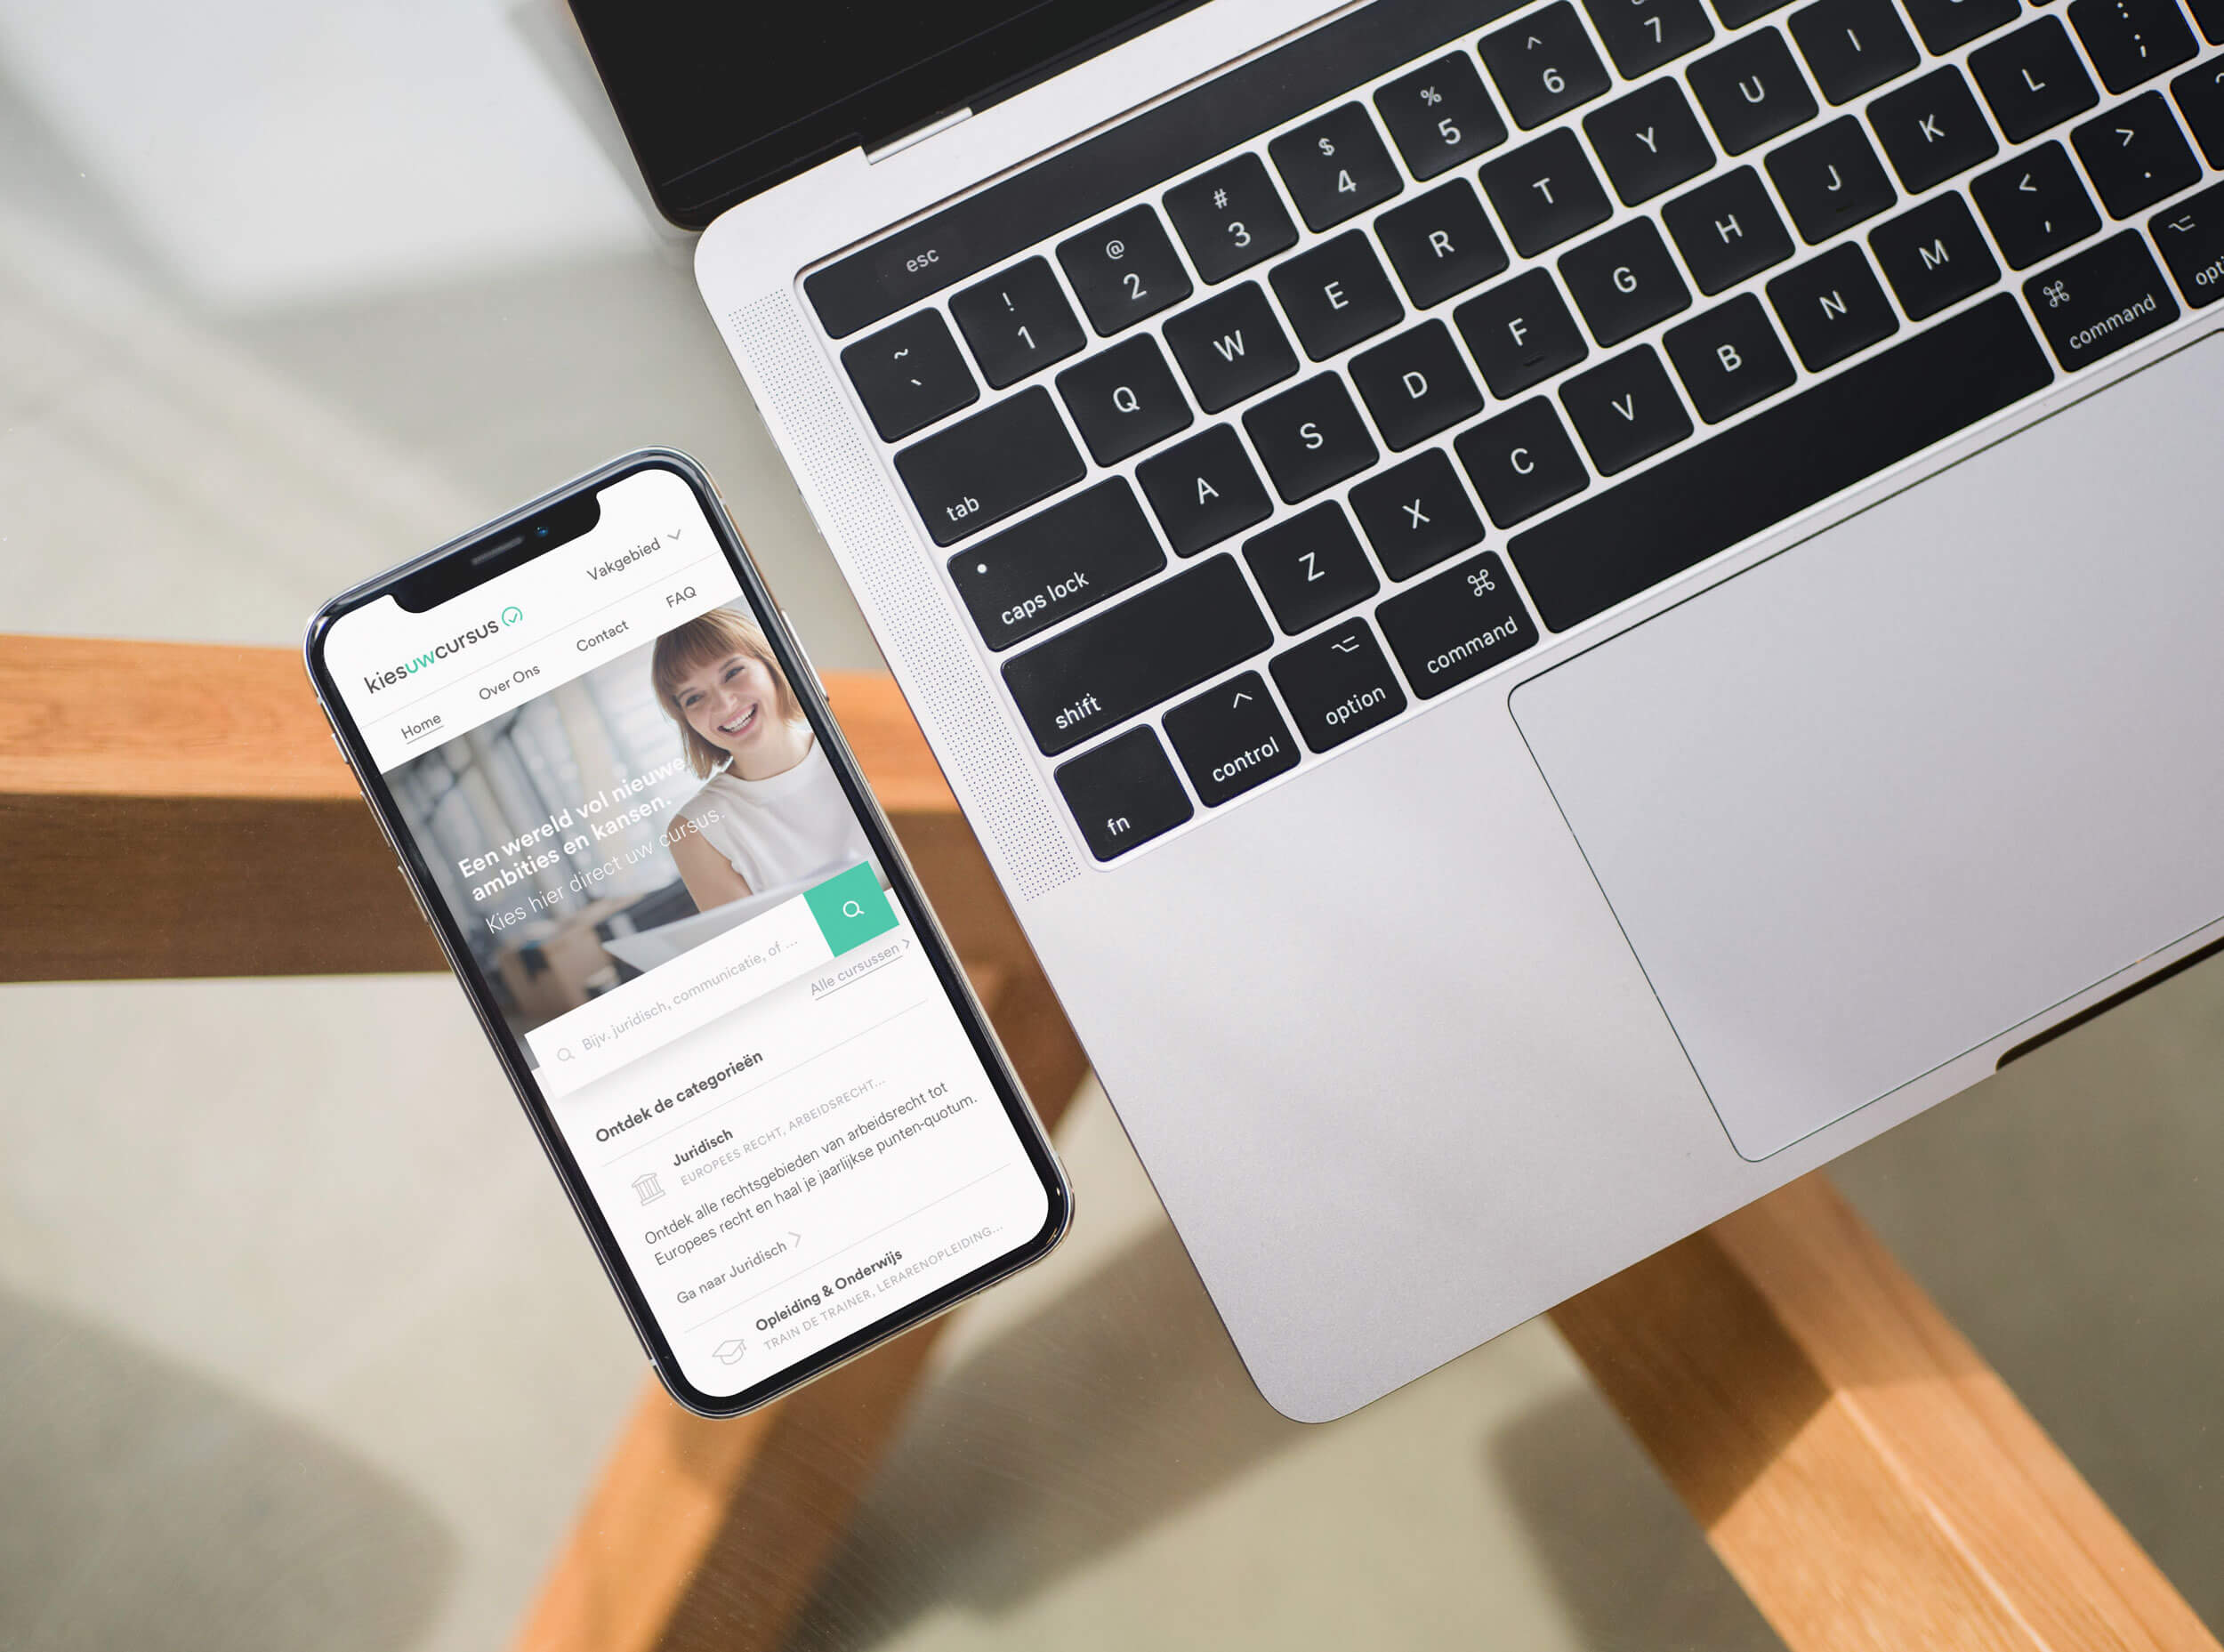 Kies uw Cursus homepage afgebeeld op een iphone op een glazen tafel